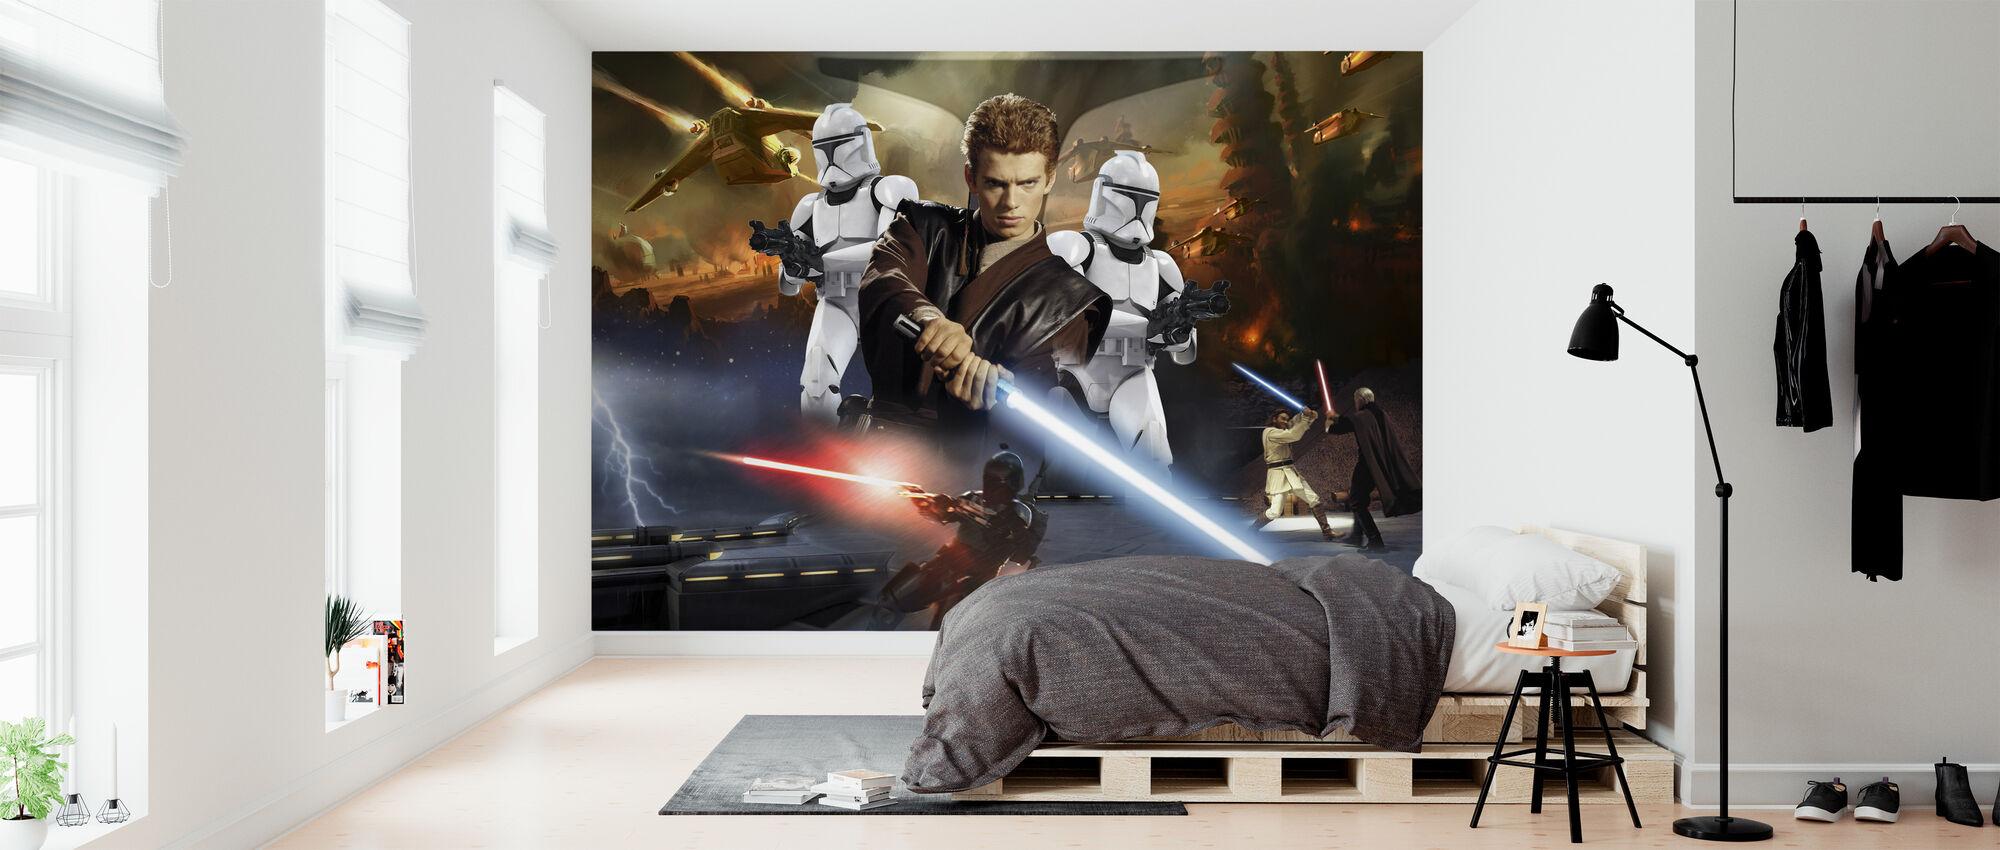 Stjärnornas krig - Anakin Skywalker och klon Troopers - Tapet - Sovrum